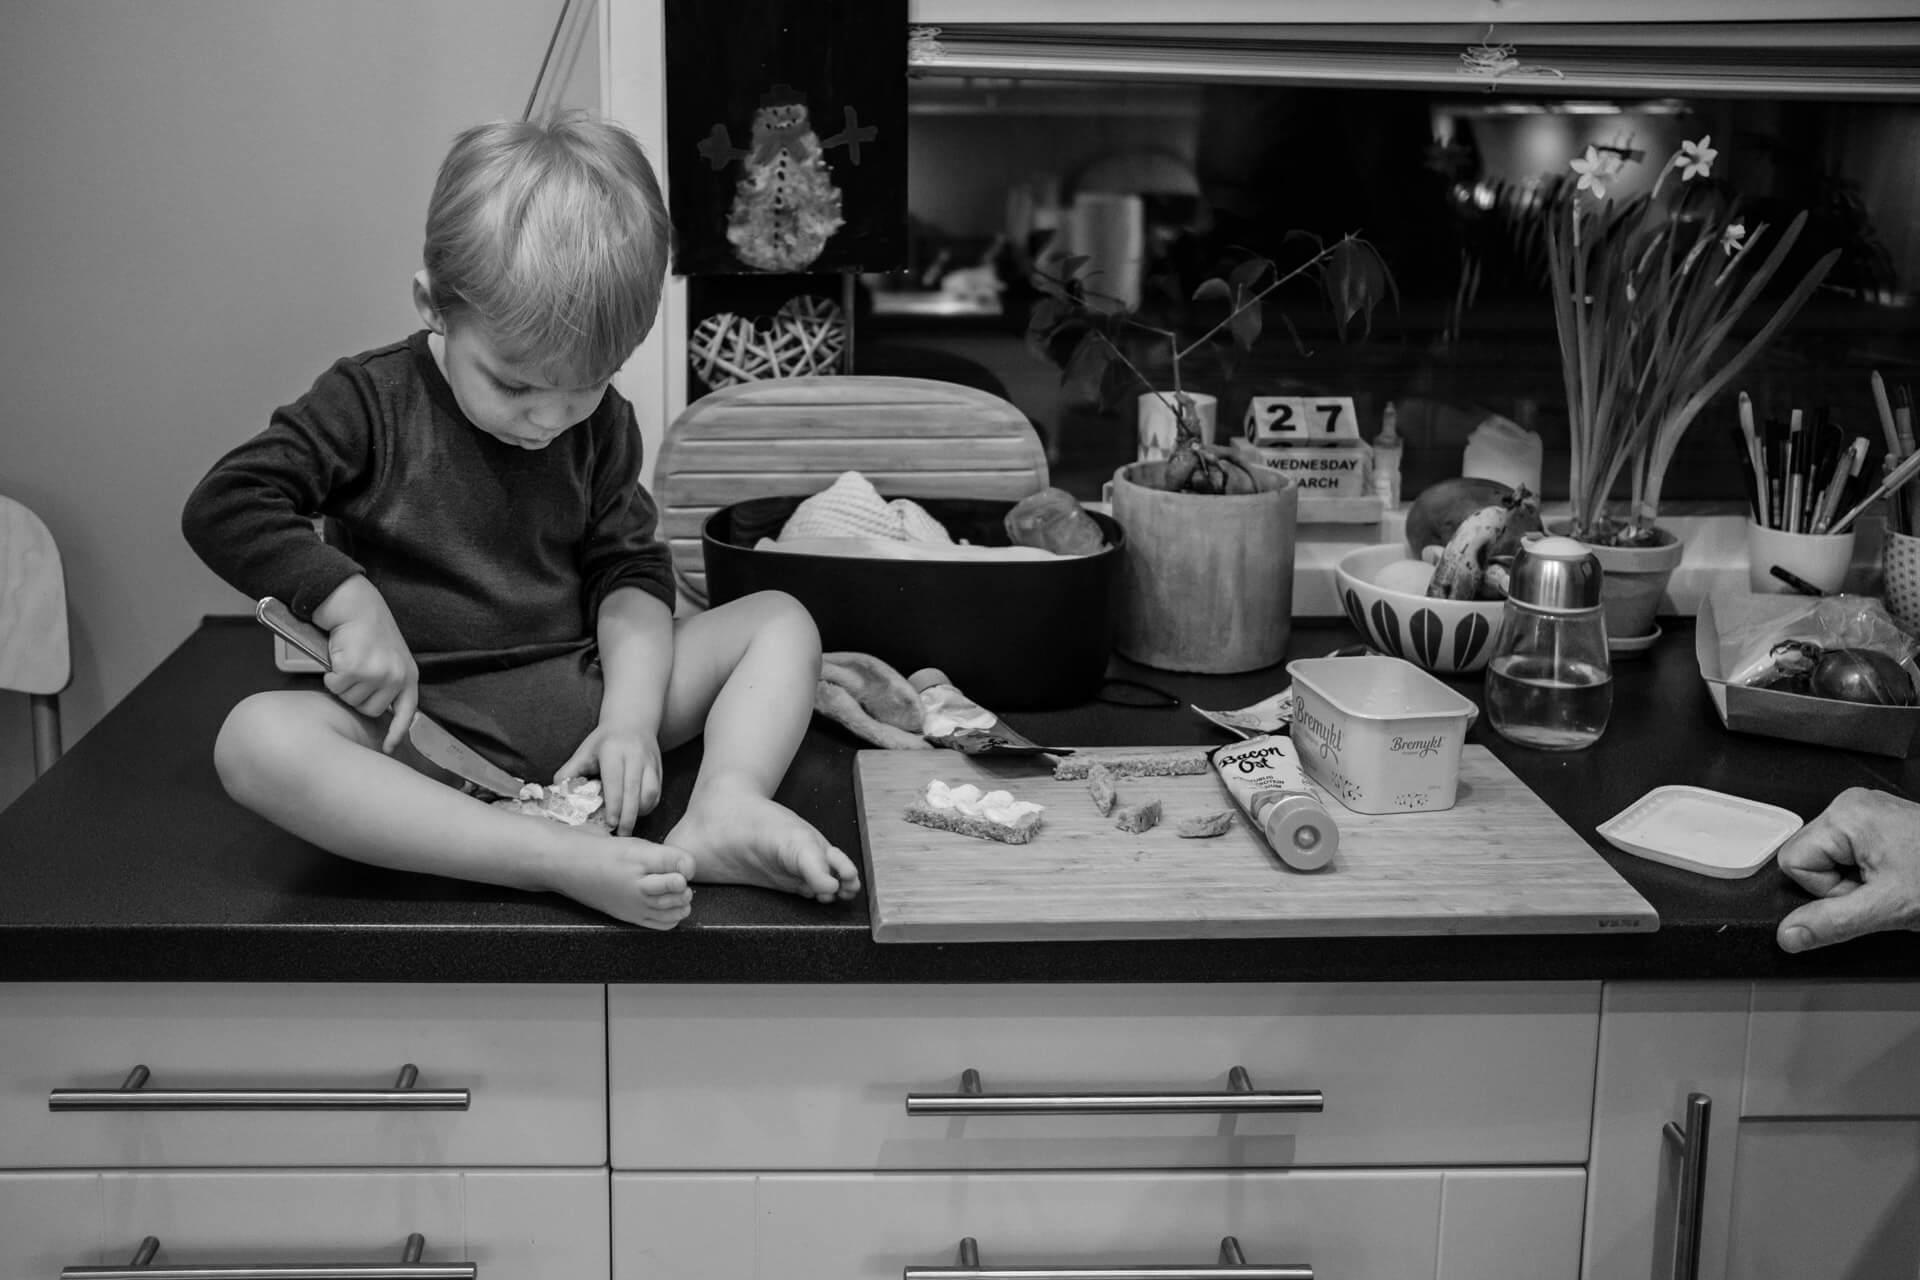 Liten gutt sitter ved siden av brødfjøla oppå kjøkkenbenken, og smører brødskiven sin selv.